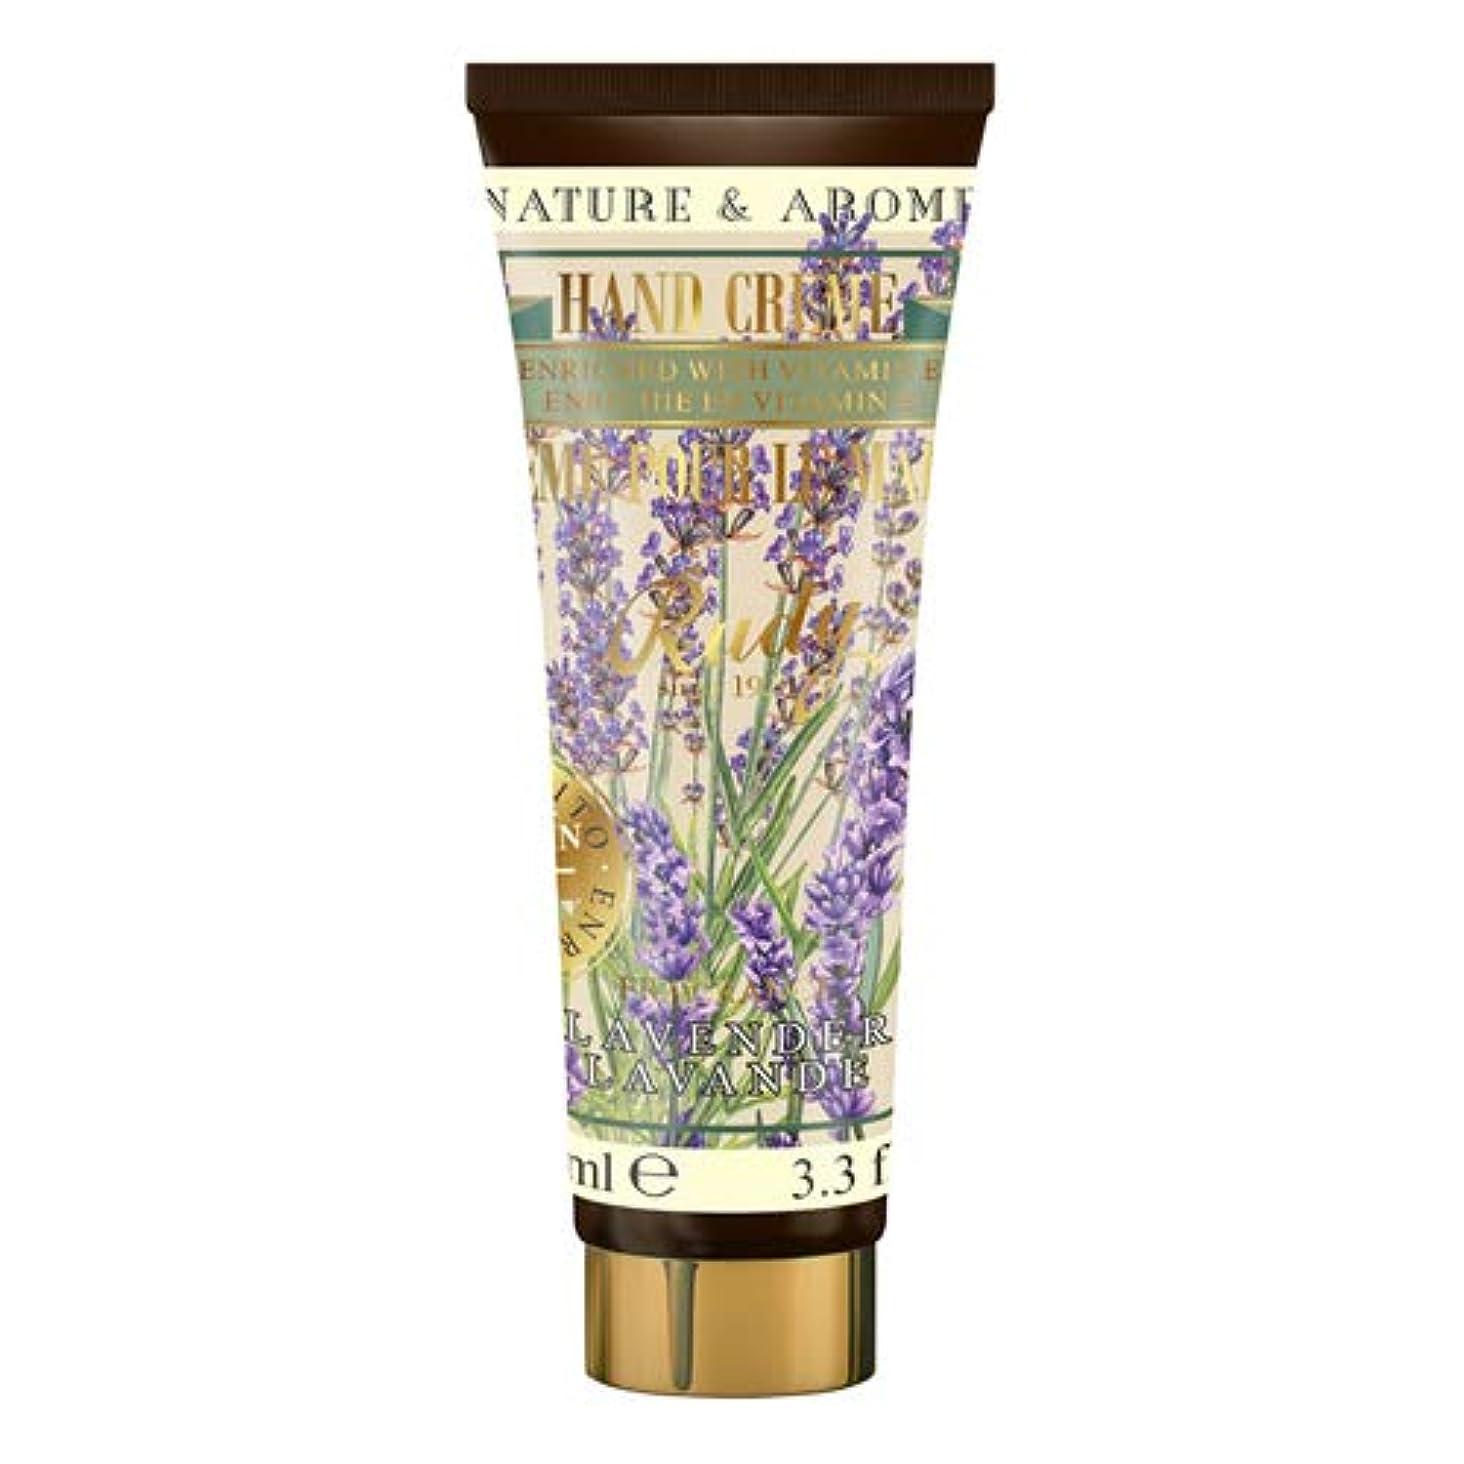 土器不安後者RUDY Nature&Arome Apothecary ネイチャーアロマ アポセカリー Hand Cream ハンドクリーム Laveder ラベンダー